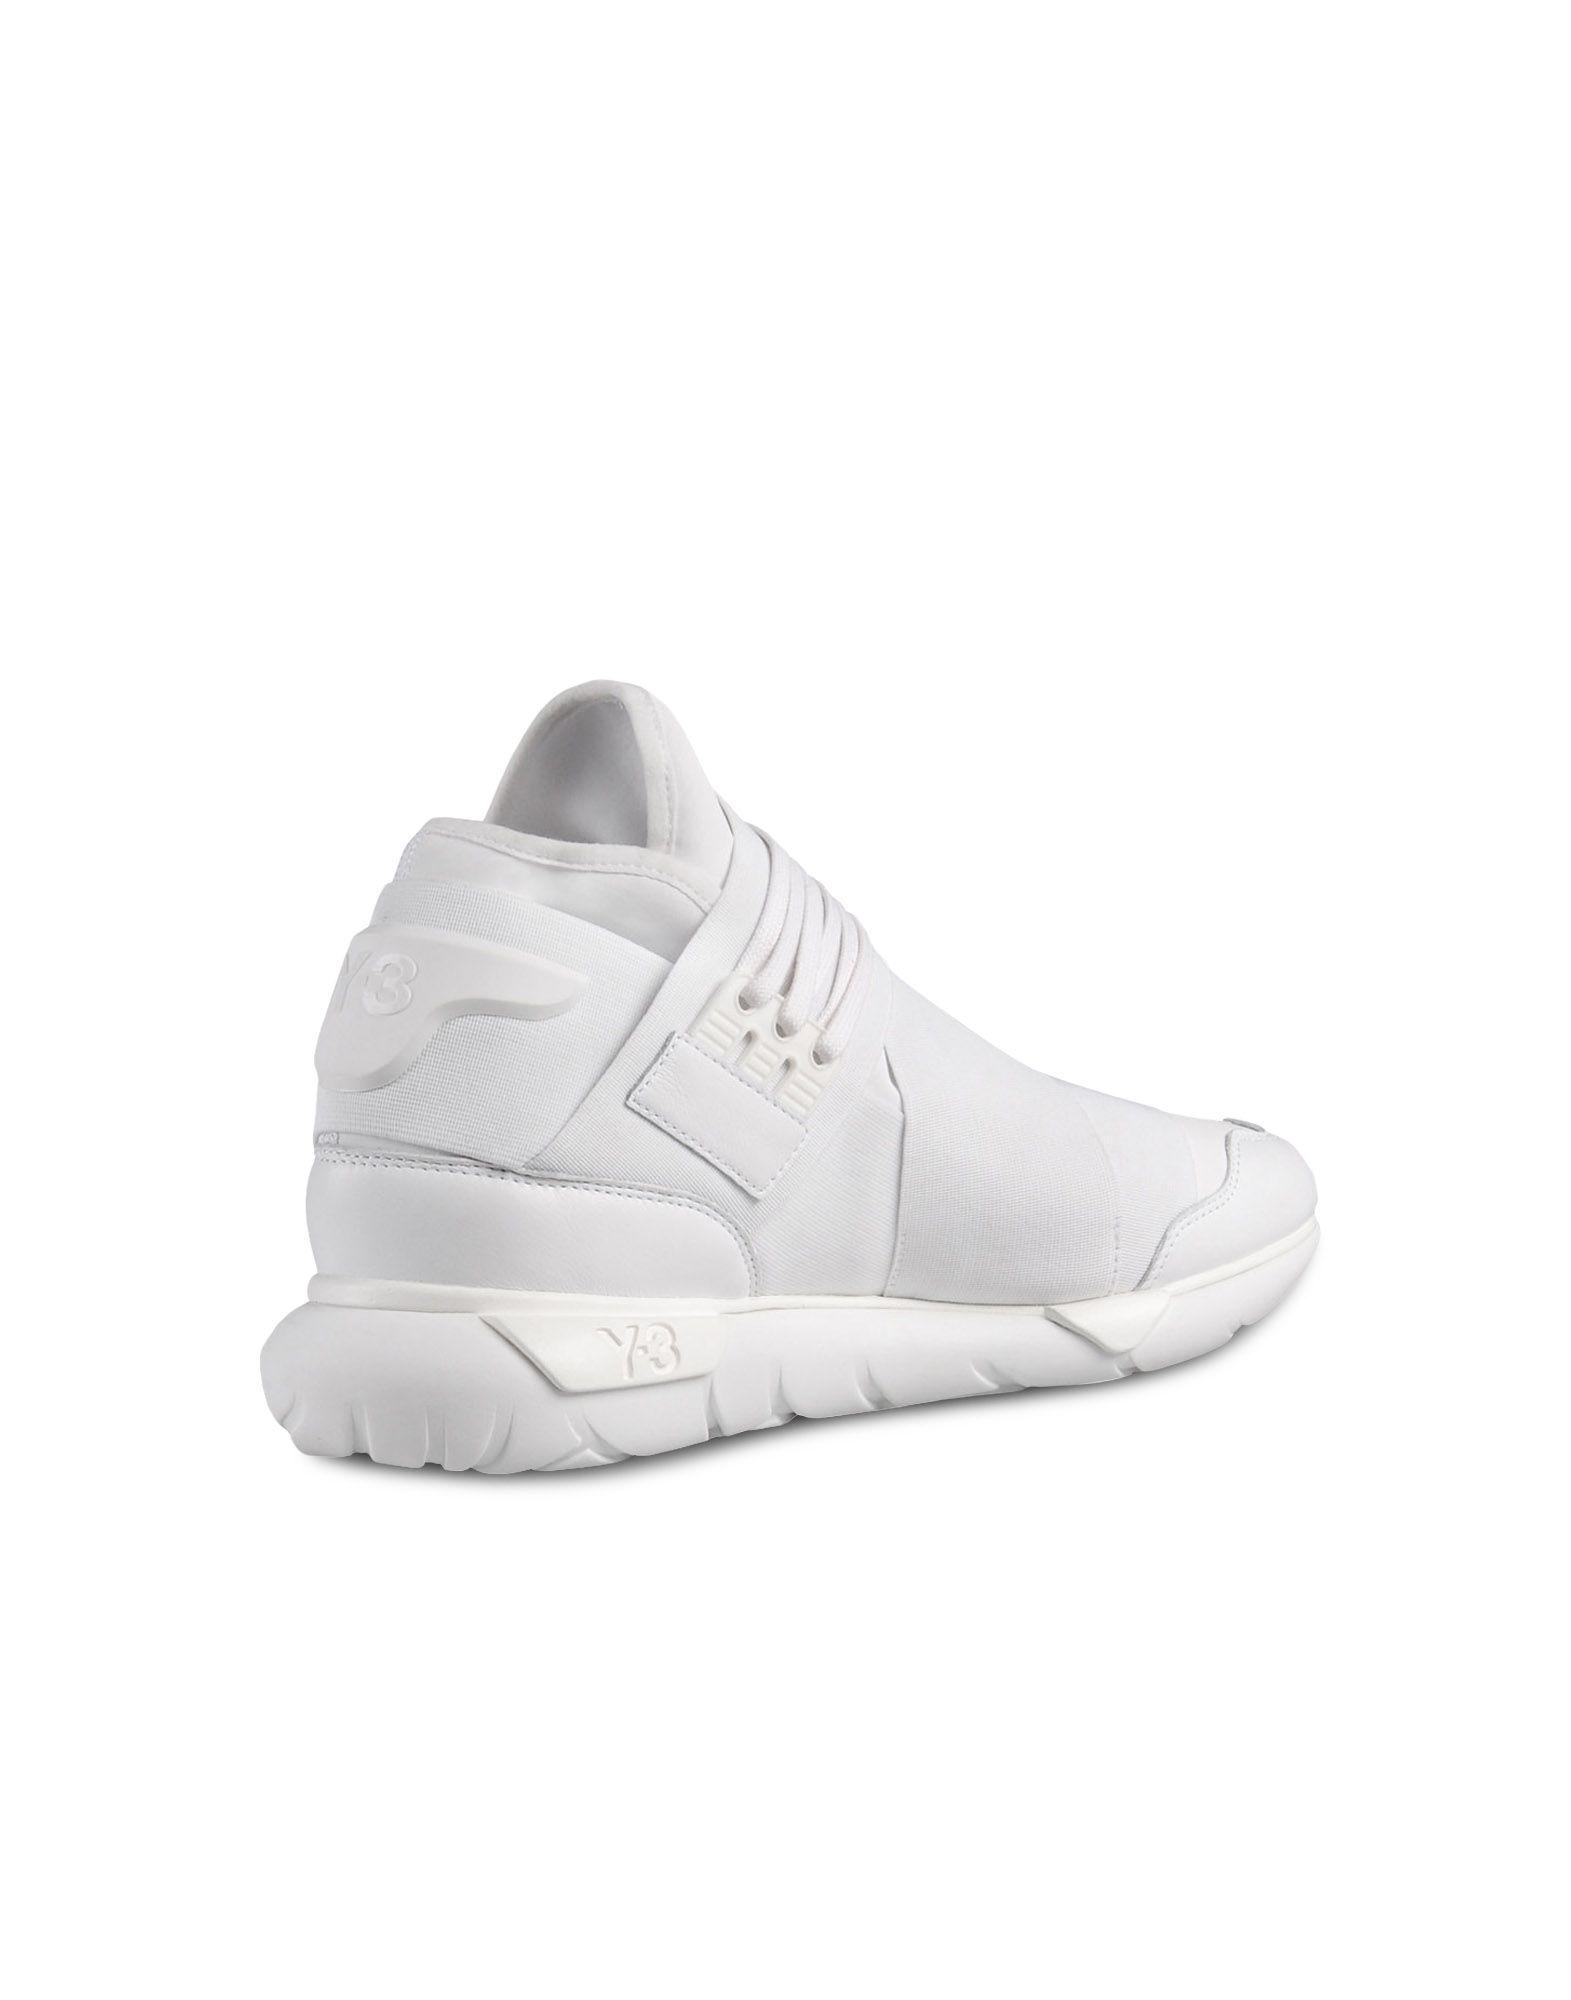 Adidas Y3 Qasa White